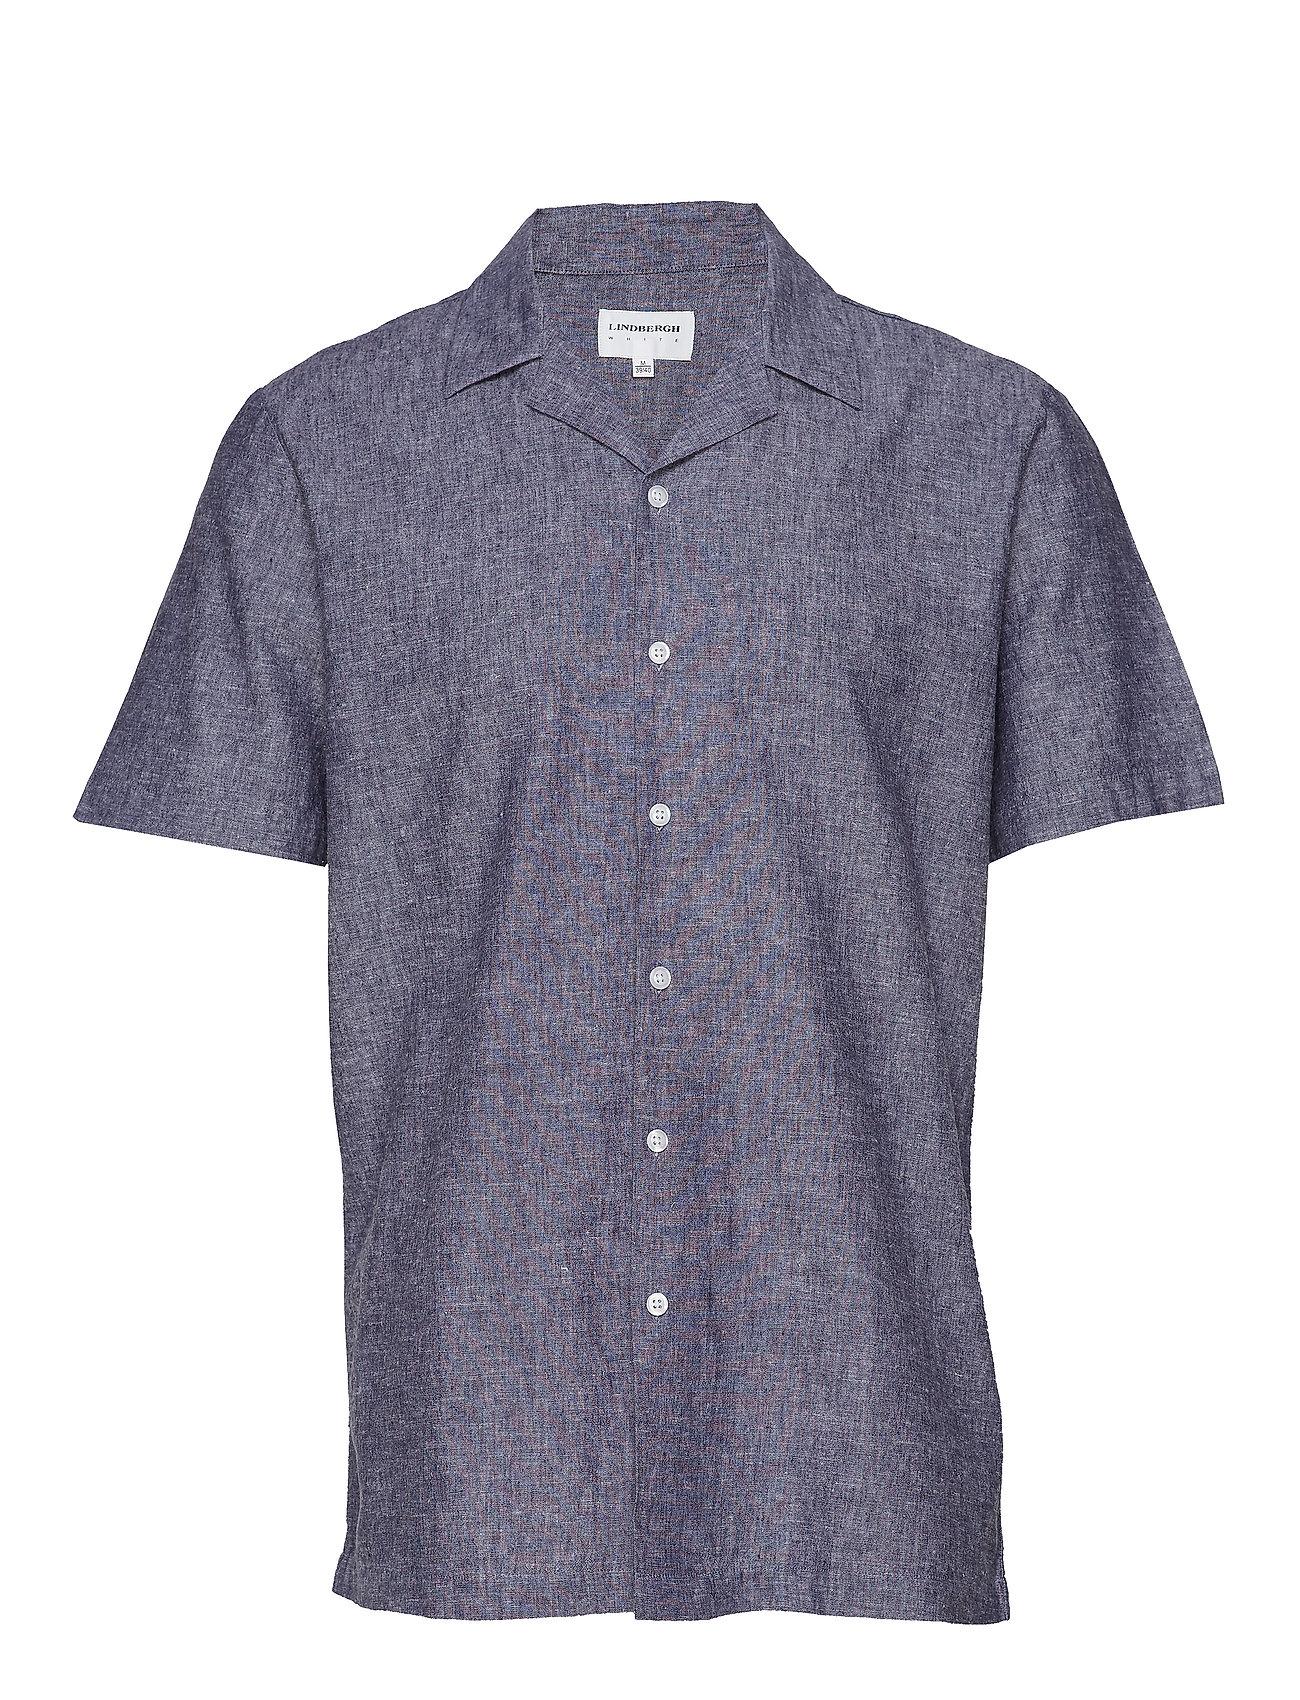 Resort Cotton BlueLindbergh Shirt S Linen sdark cL35A4Rjq